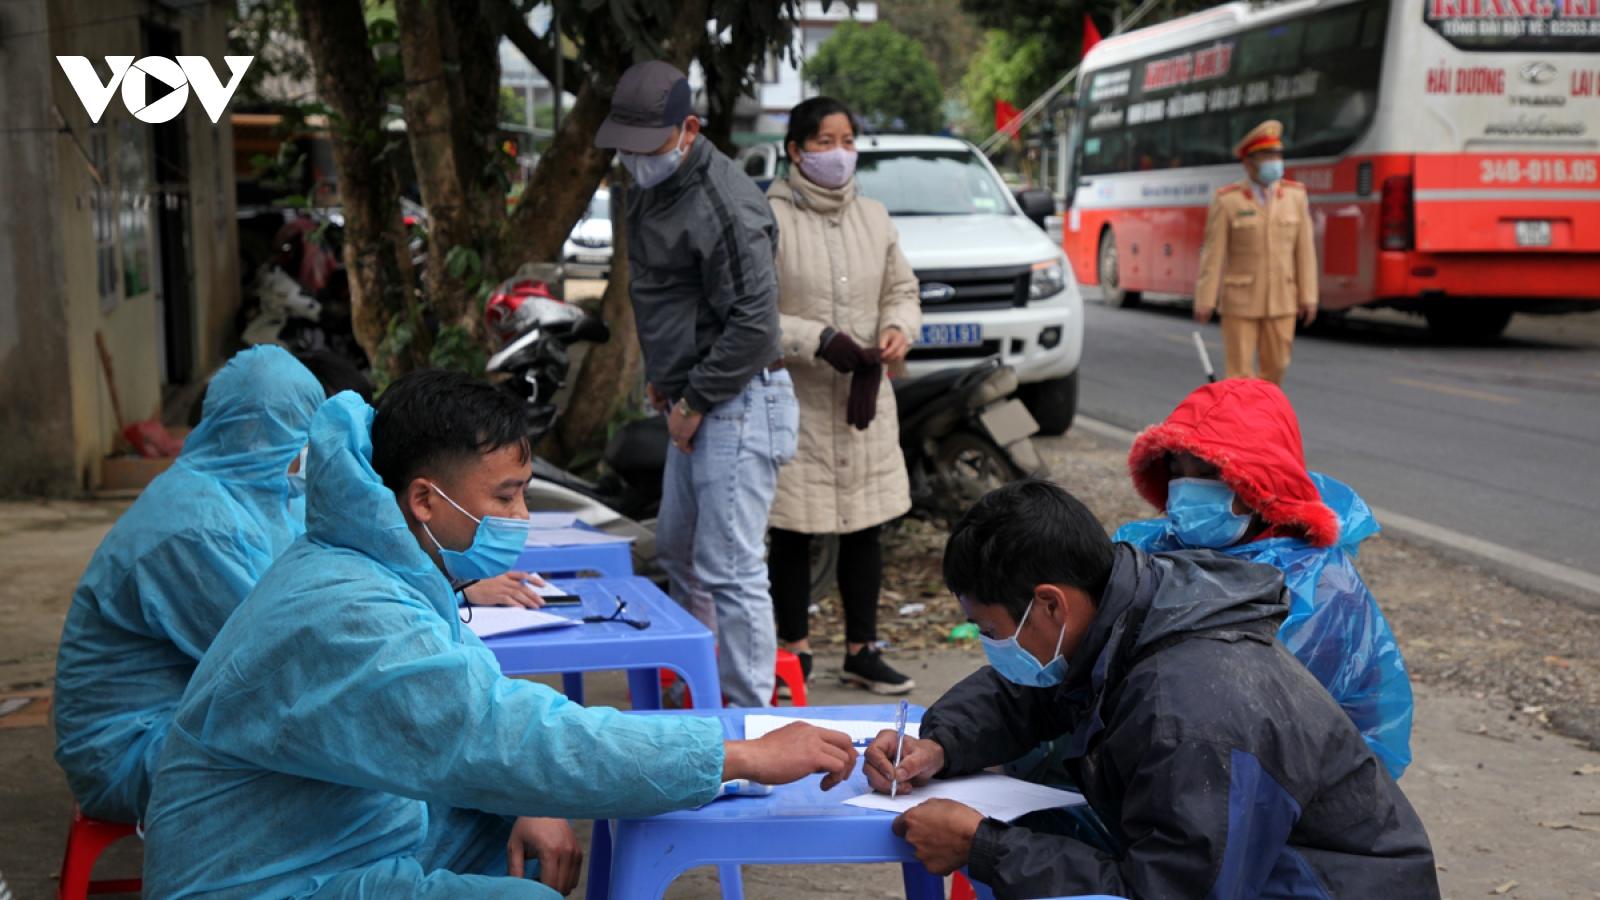 2 giáo viên ở Lai Châu bị xử phạt do vượt chốt kiểm soát dịch Covid-19